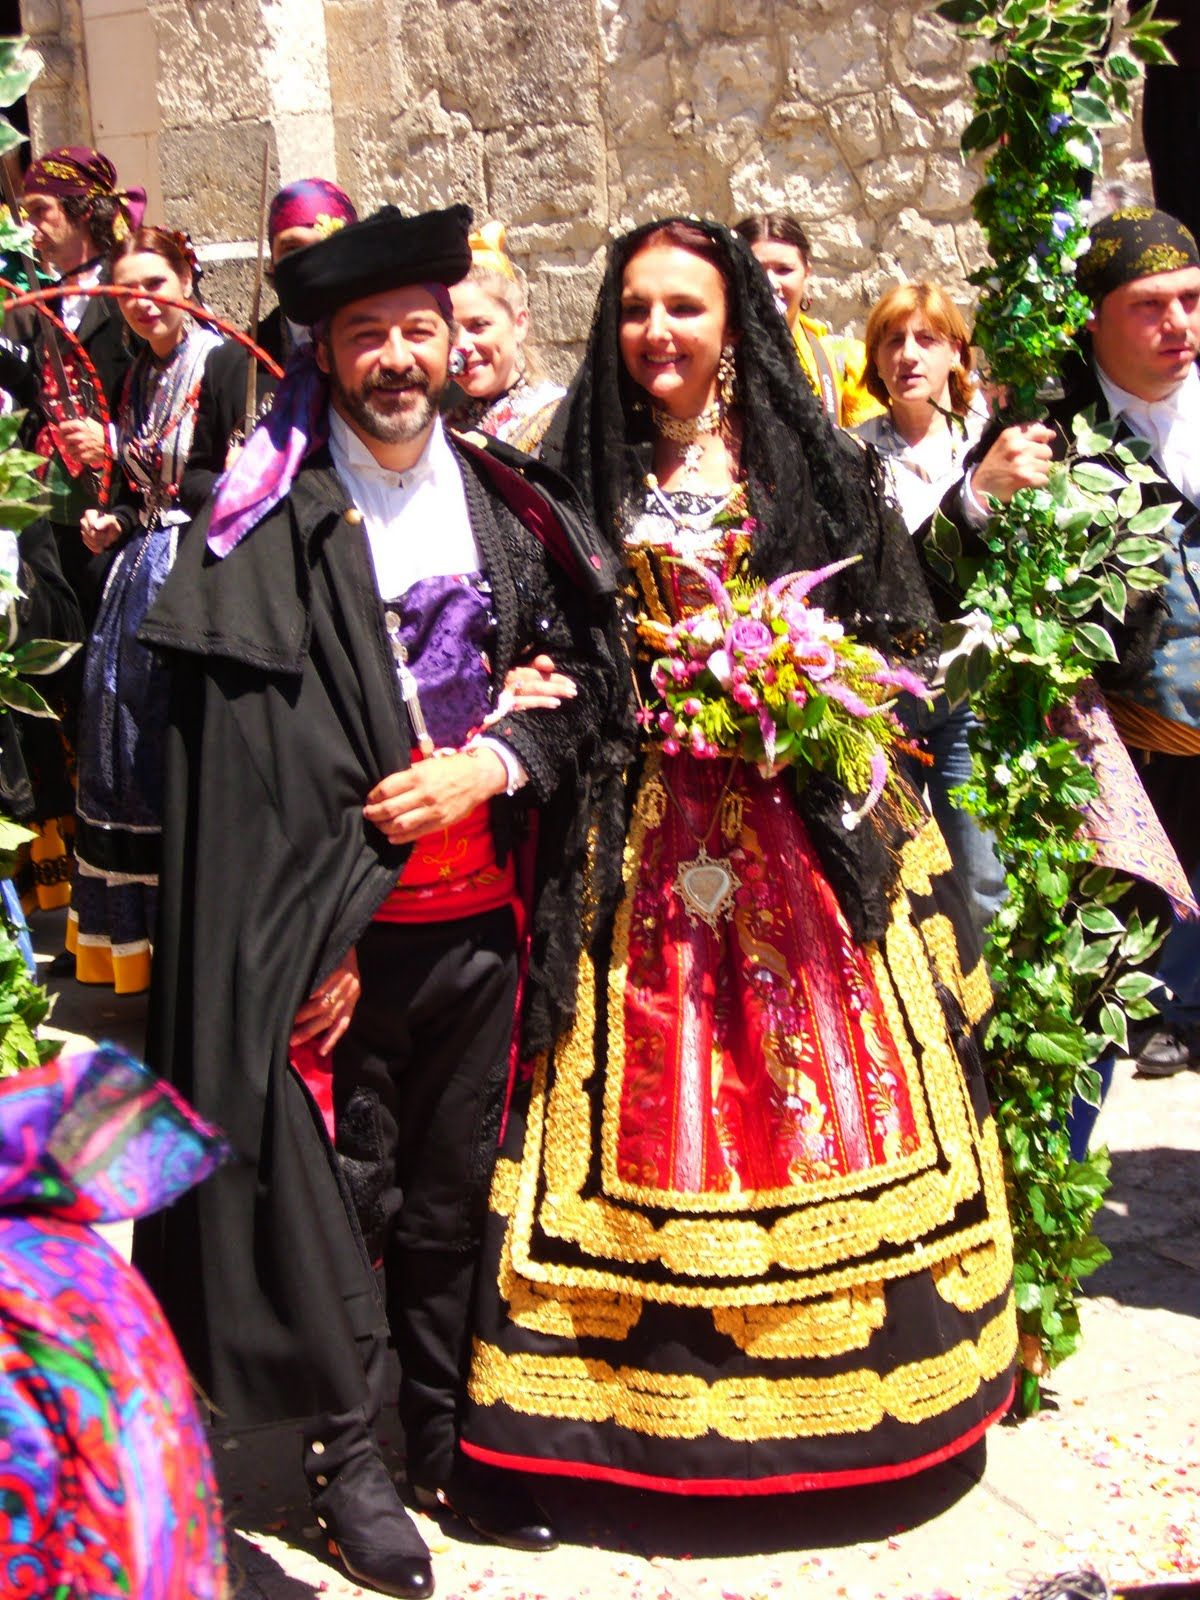 Культура традиции и обычаи испании